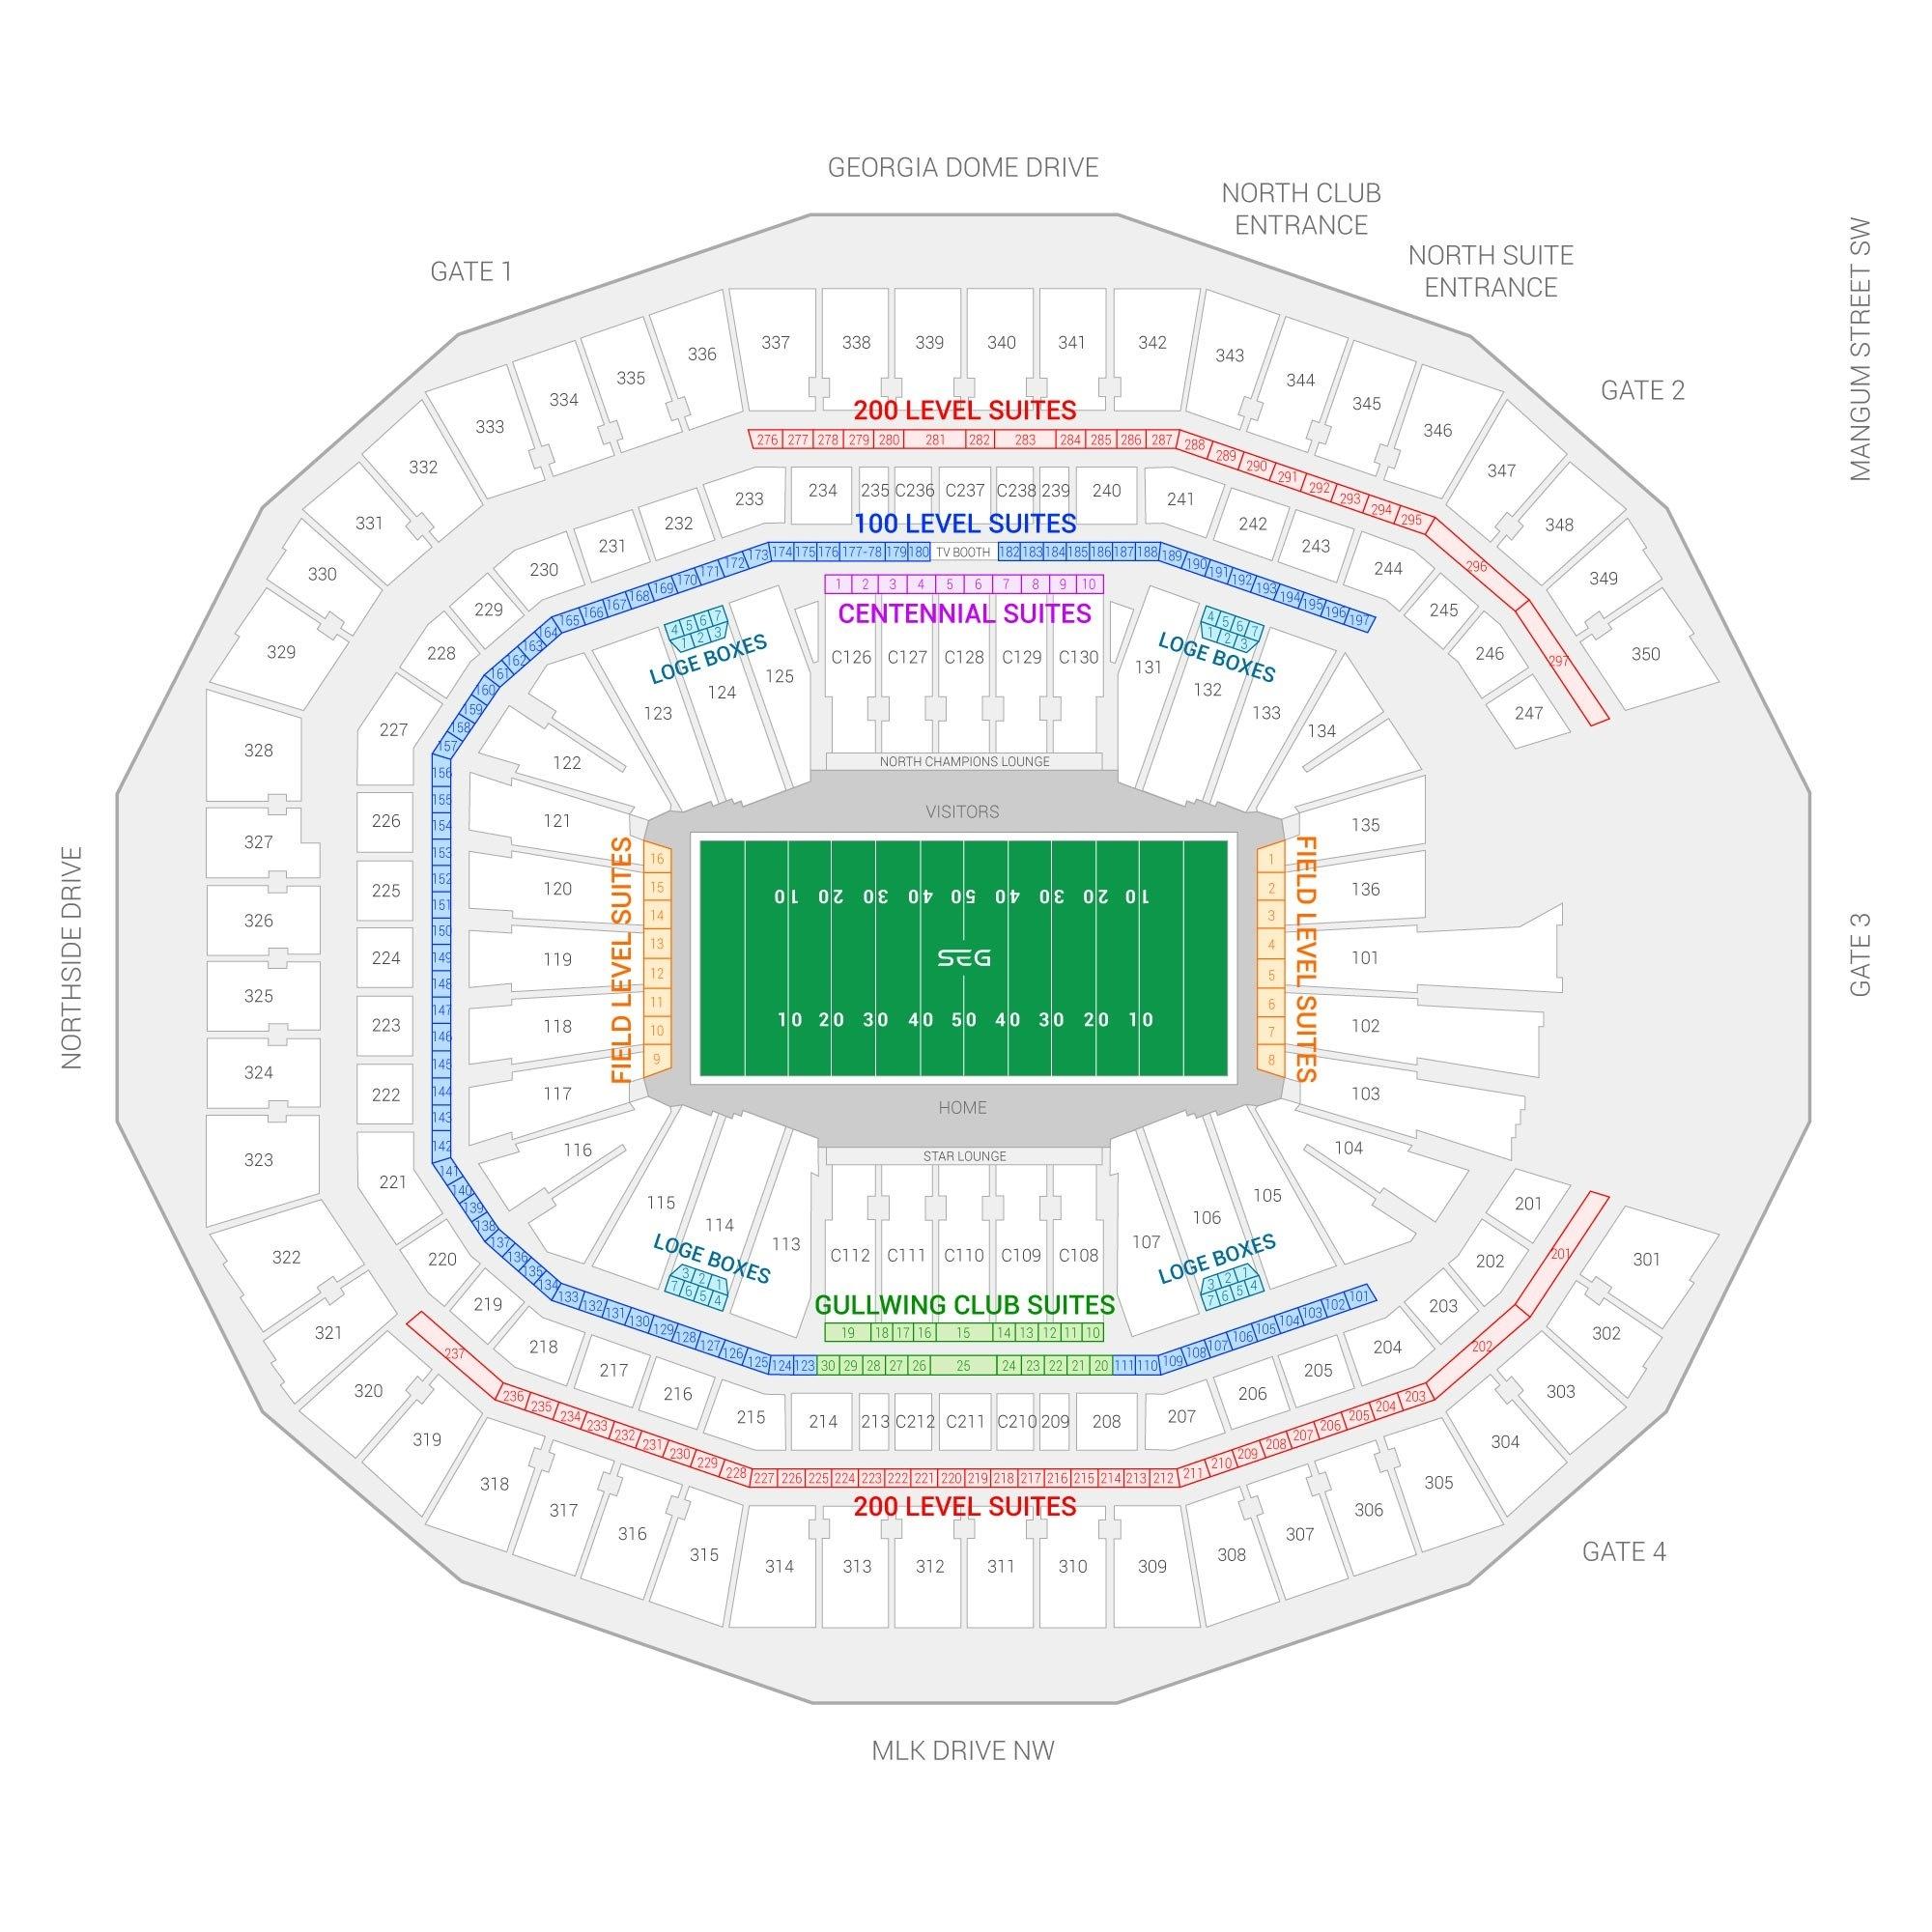 Super Bowl Liii Suite Rentals | Mercedes-Benz Stadium with Atlanta Super Bowl Stadium Address